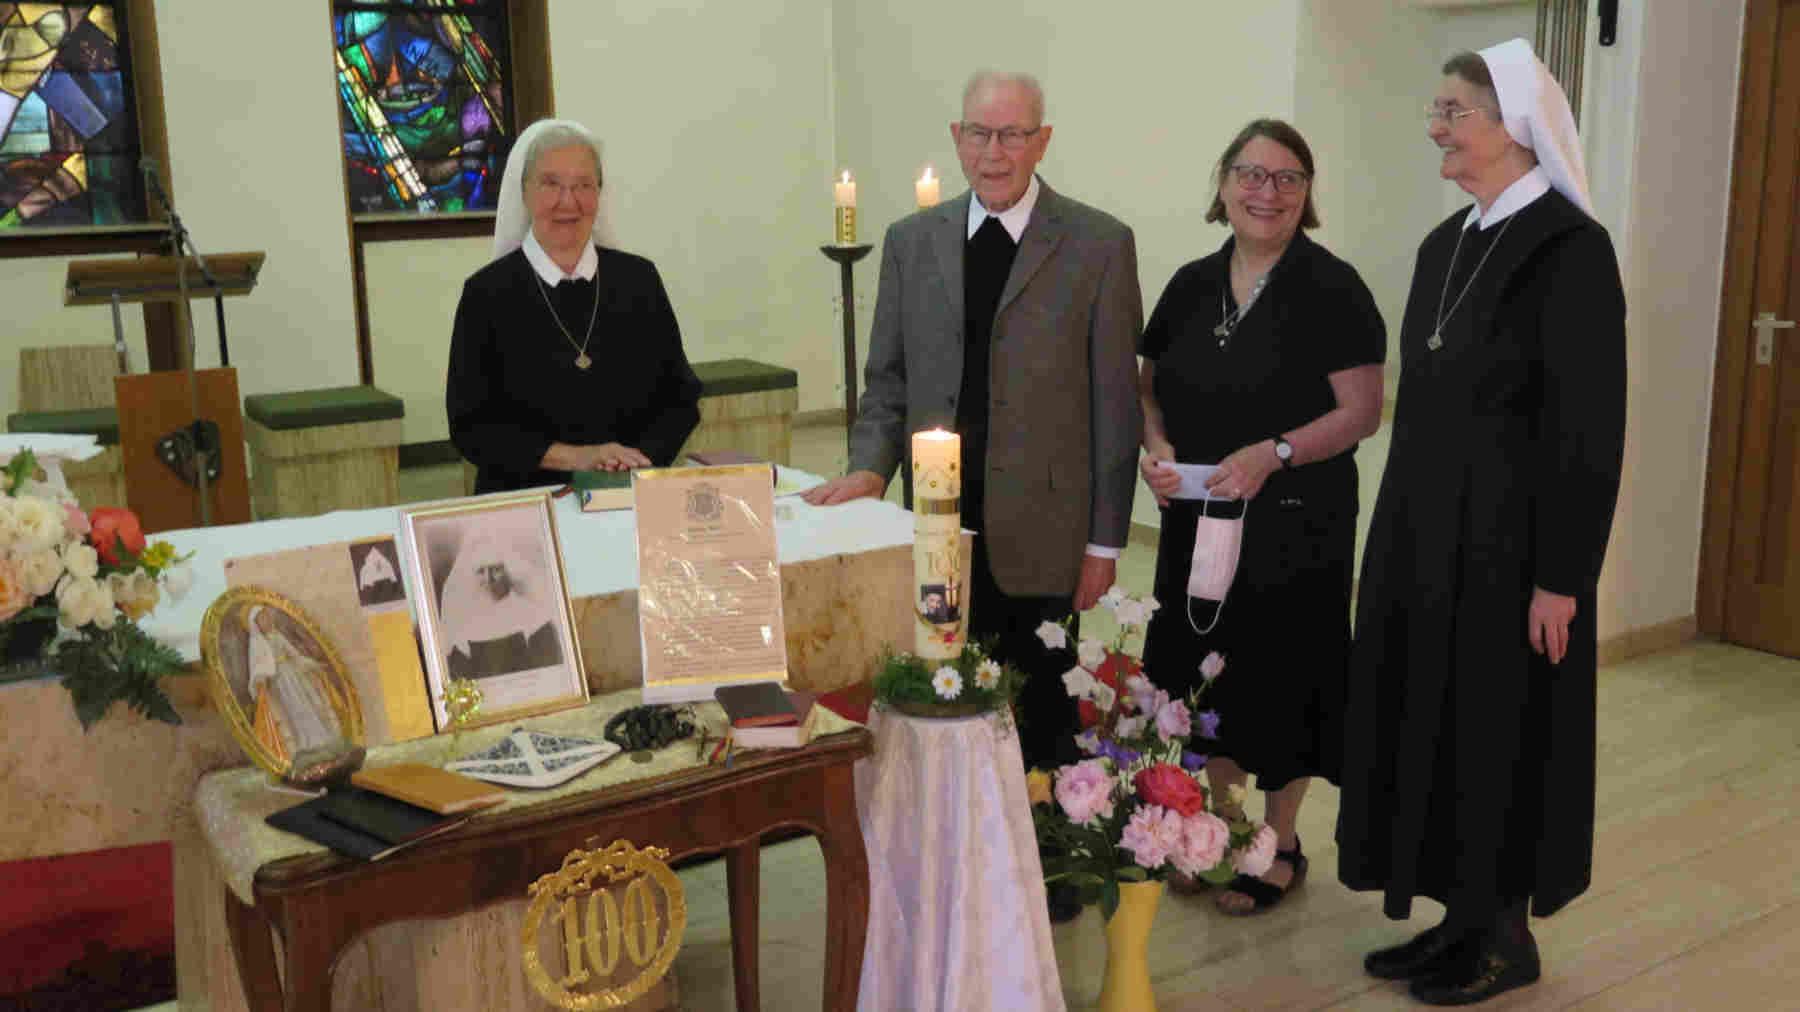 3 Schwestern der Vinzentinerinnen und ein Priester hinter und seitlich am geschmückten Altar der Kapelle der Vinzentinerinnen